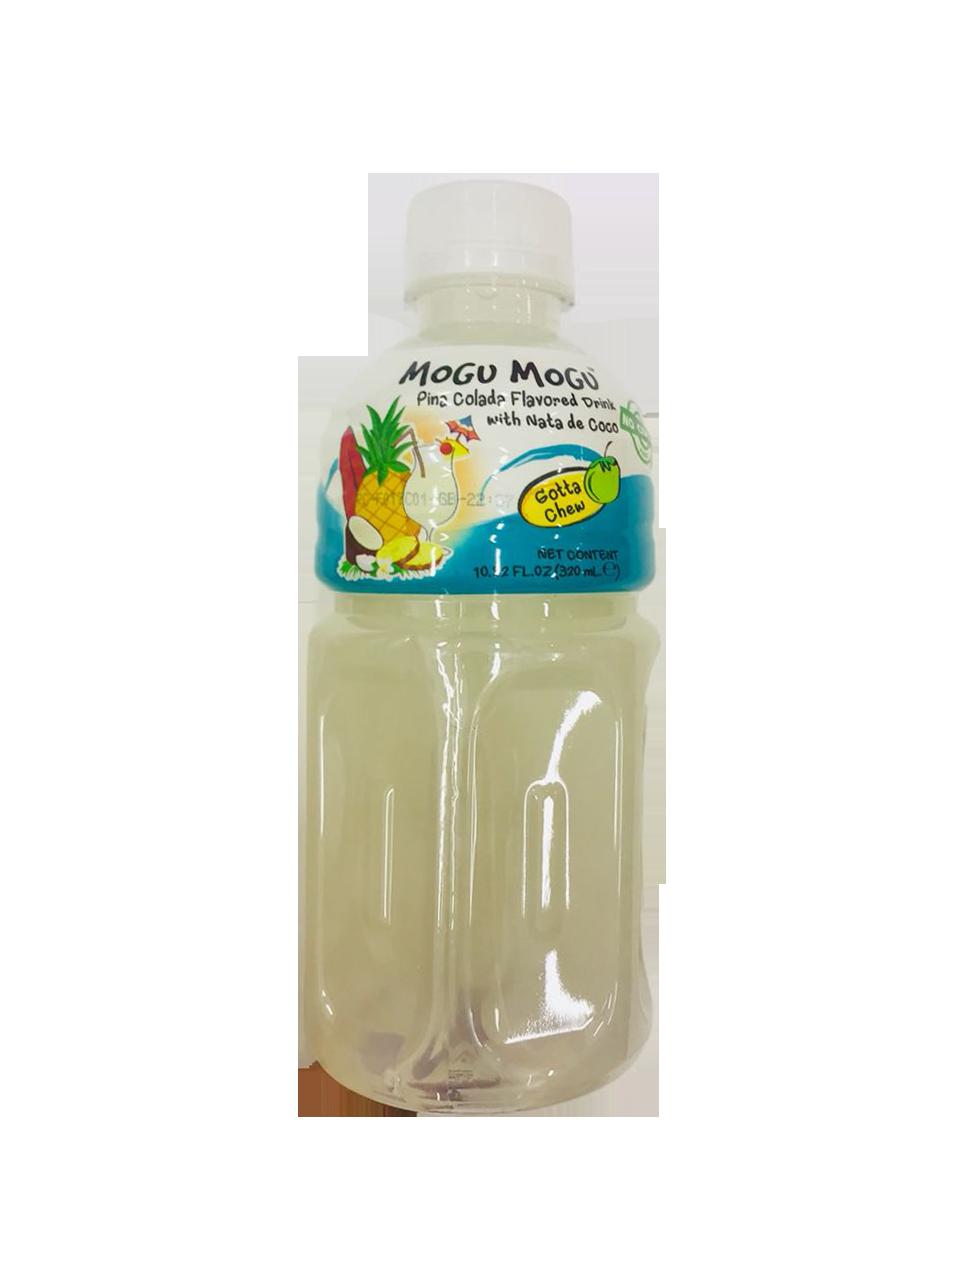 Mogu Mogu Pina Colada Flavored Drink Nata De Coco 320ml